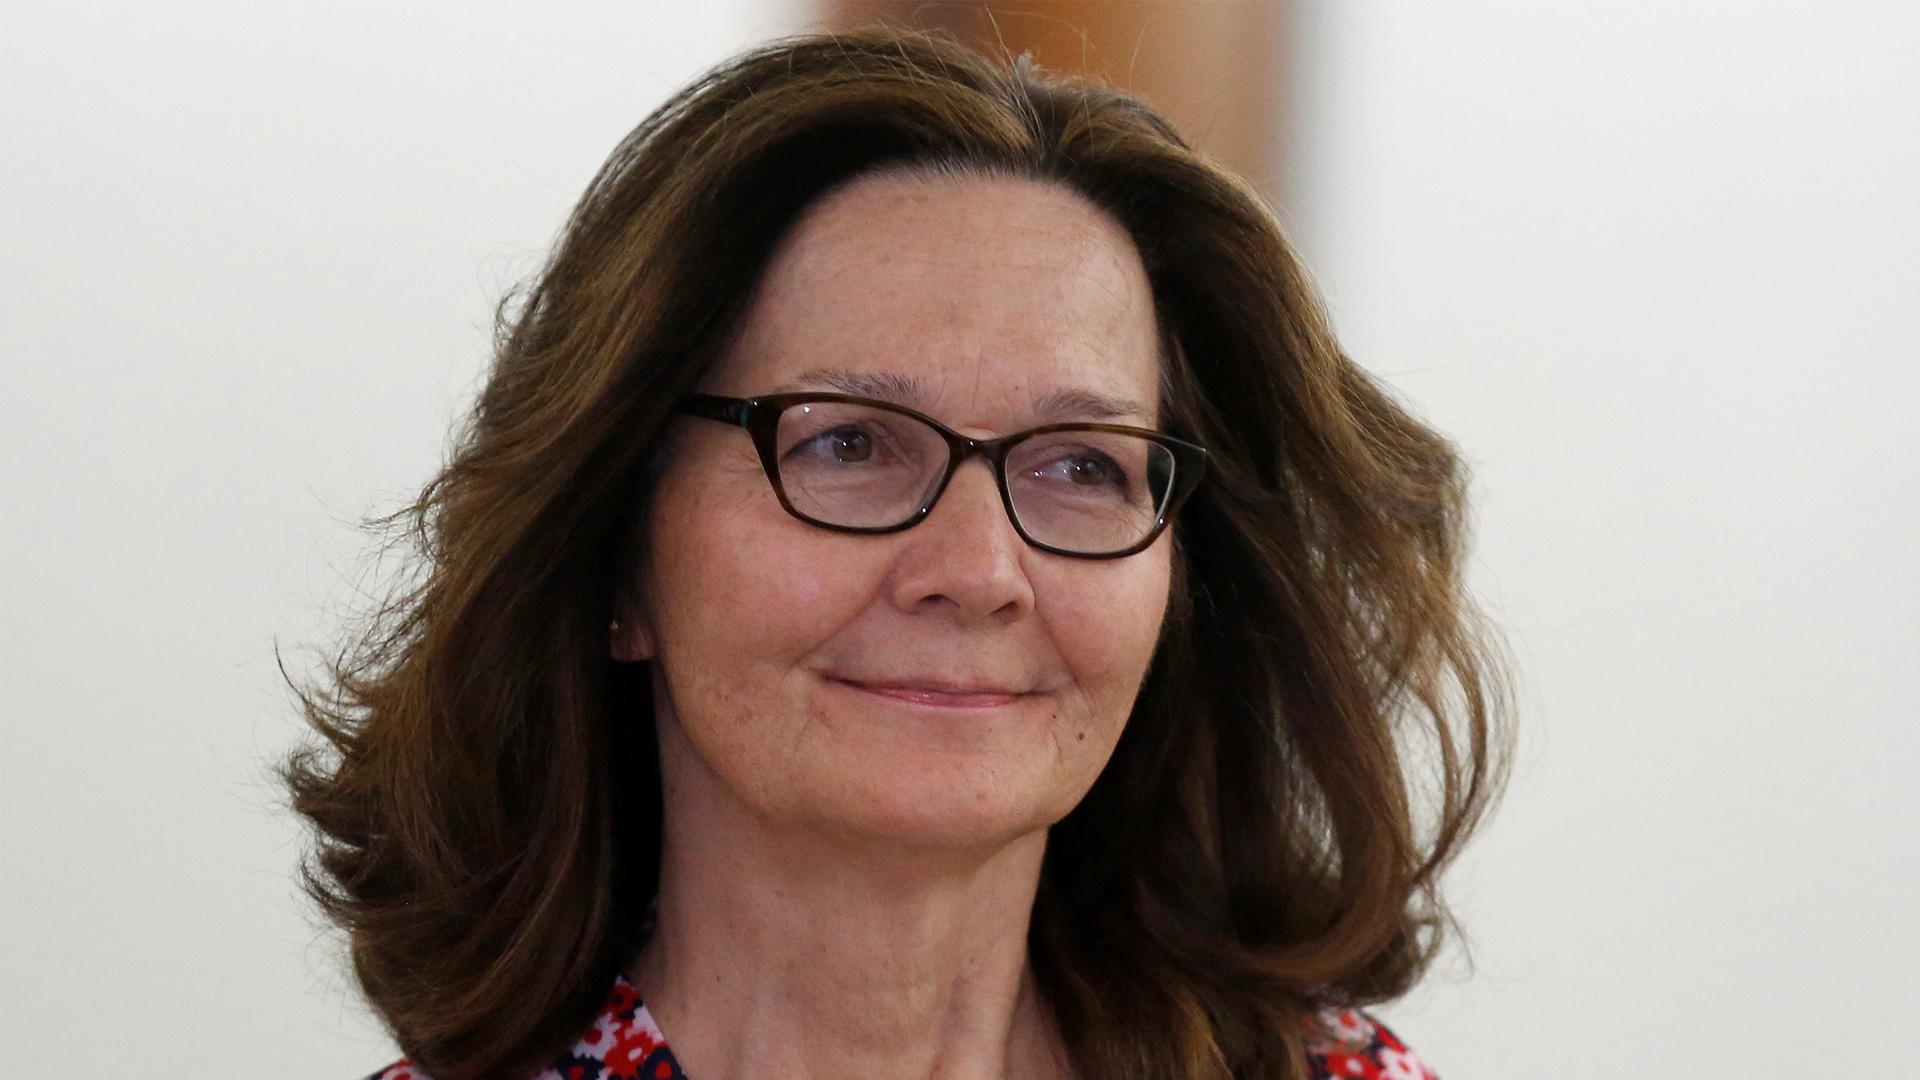 Comisión recomienda confirmar a Haspel como directora CIA